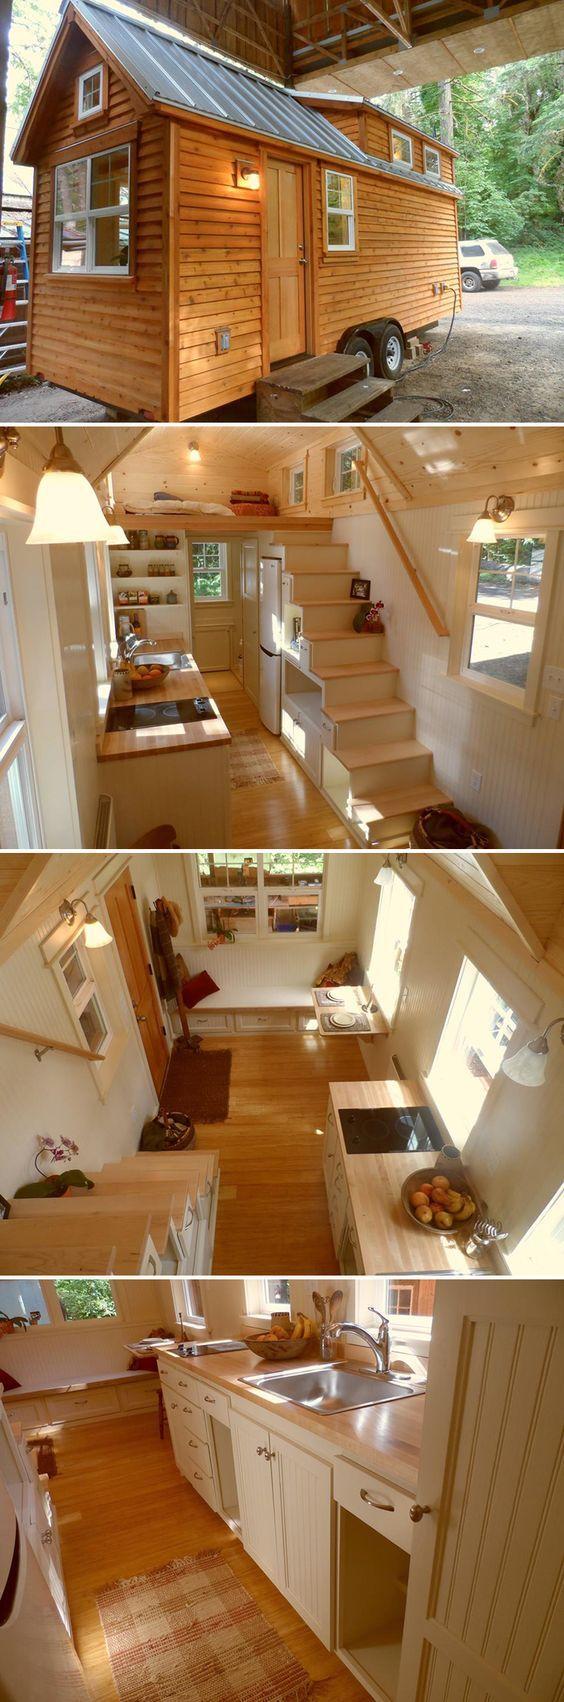 Ynez by Oregon Cottage Company | Mini-casas, Casas y Diseño de muebles